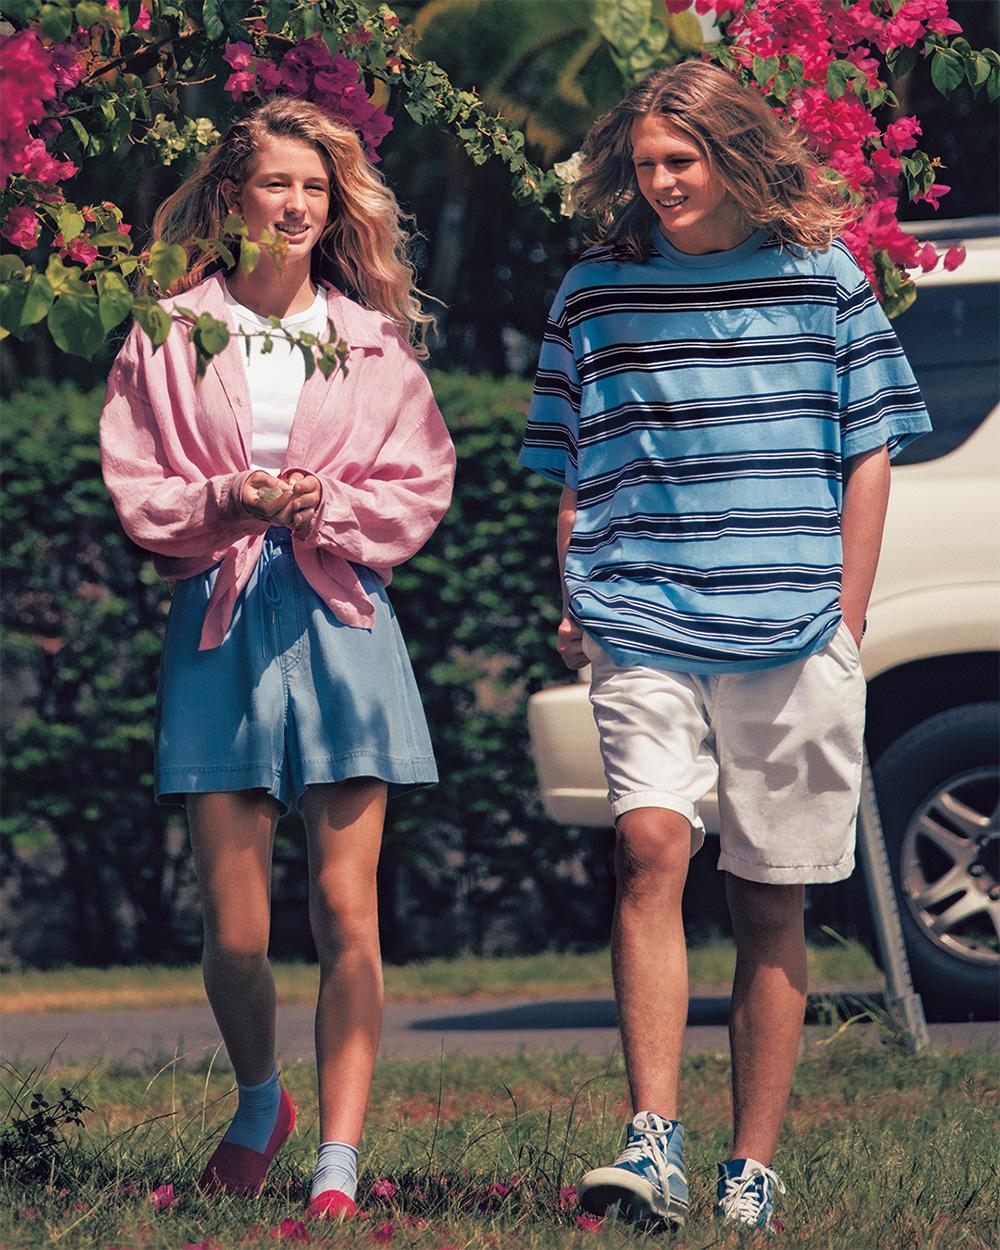 người mẫu mặc những kiểu quần shorts uniqlo mùa hè